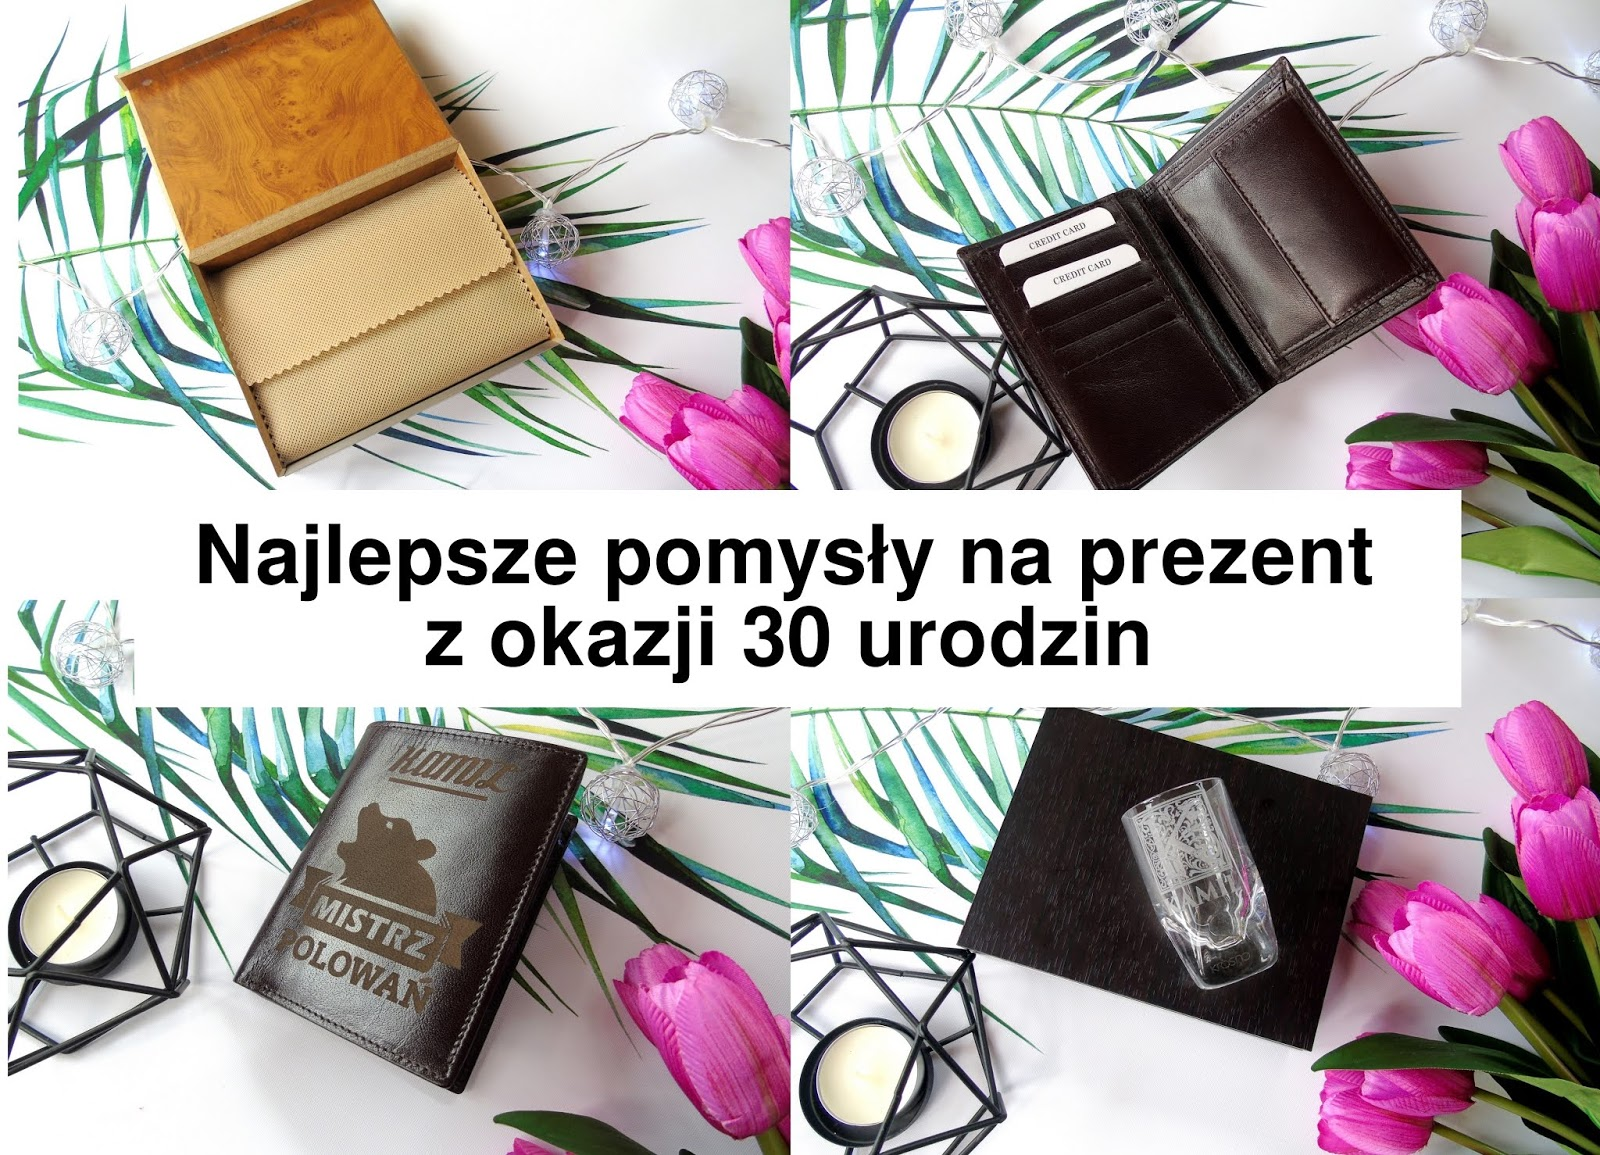 Prezenty Na 30 Urodziny - MyGiftDNA.pl